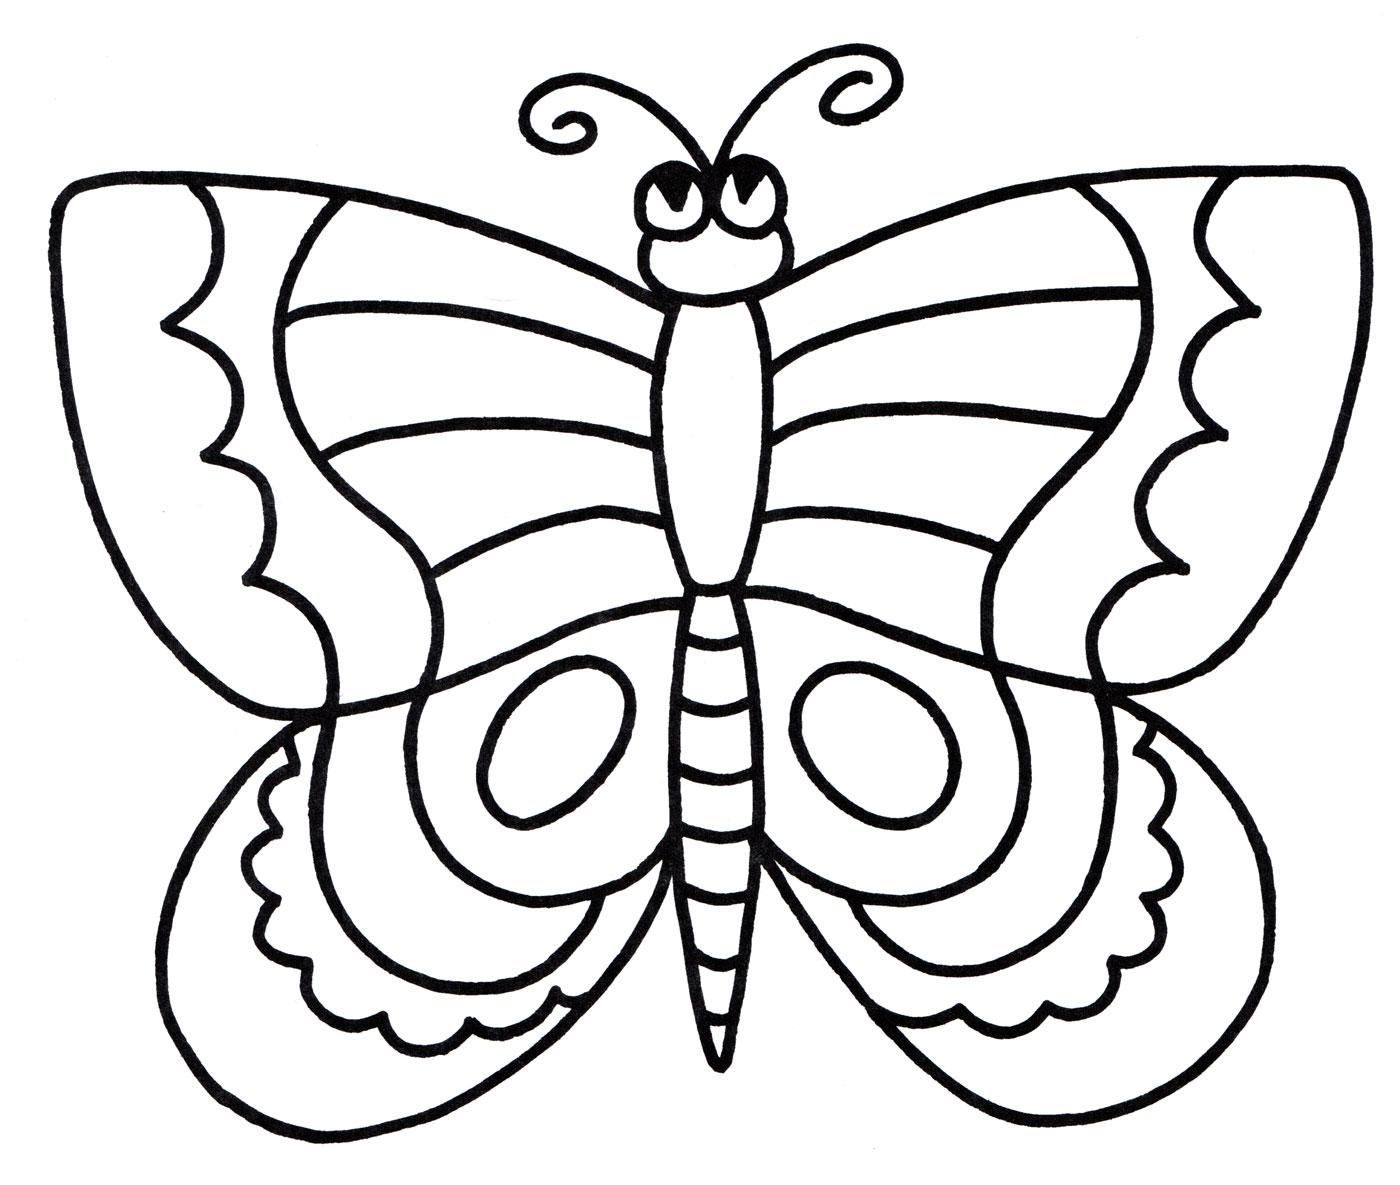 Раскраска Пчелка, распечатать бесплатно или скачать